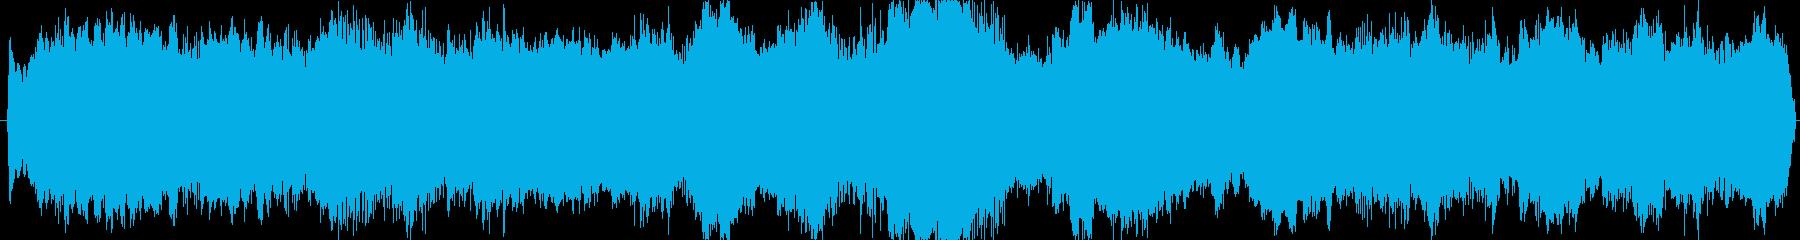 【和風】【琴】【尺八】・ループ再生でき…の再生済みの波形